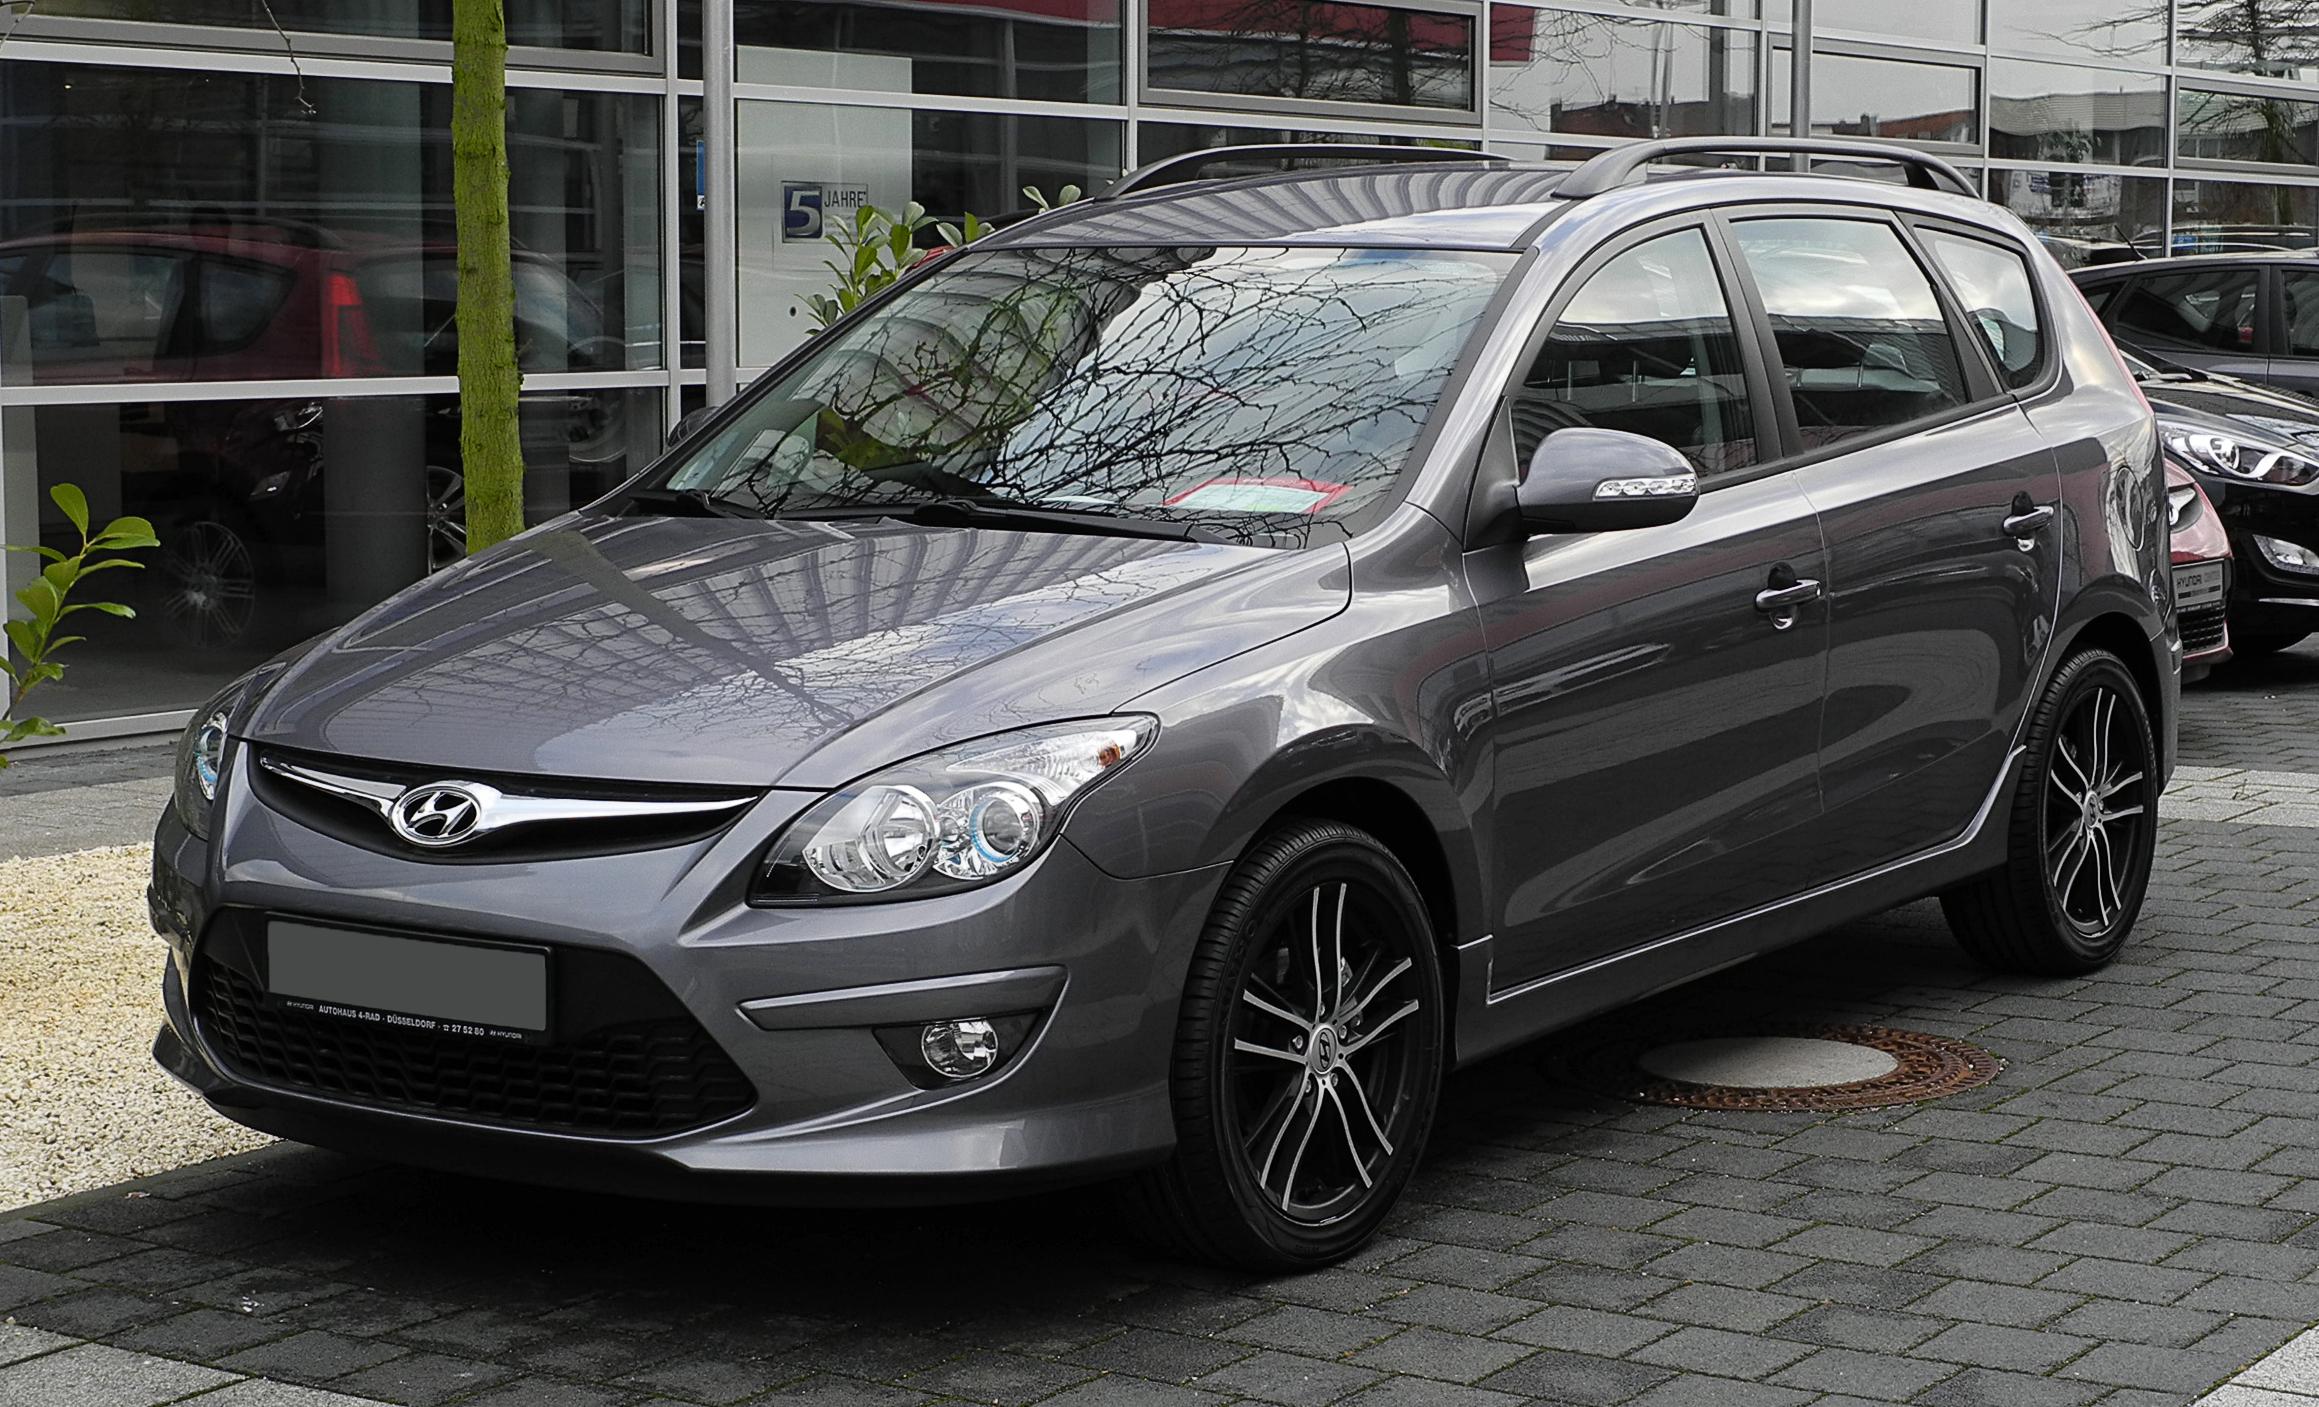 File Hyundai I30cw 1 6 Crdi Edition20 I Facelift